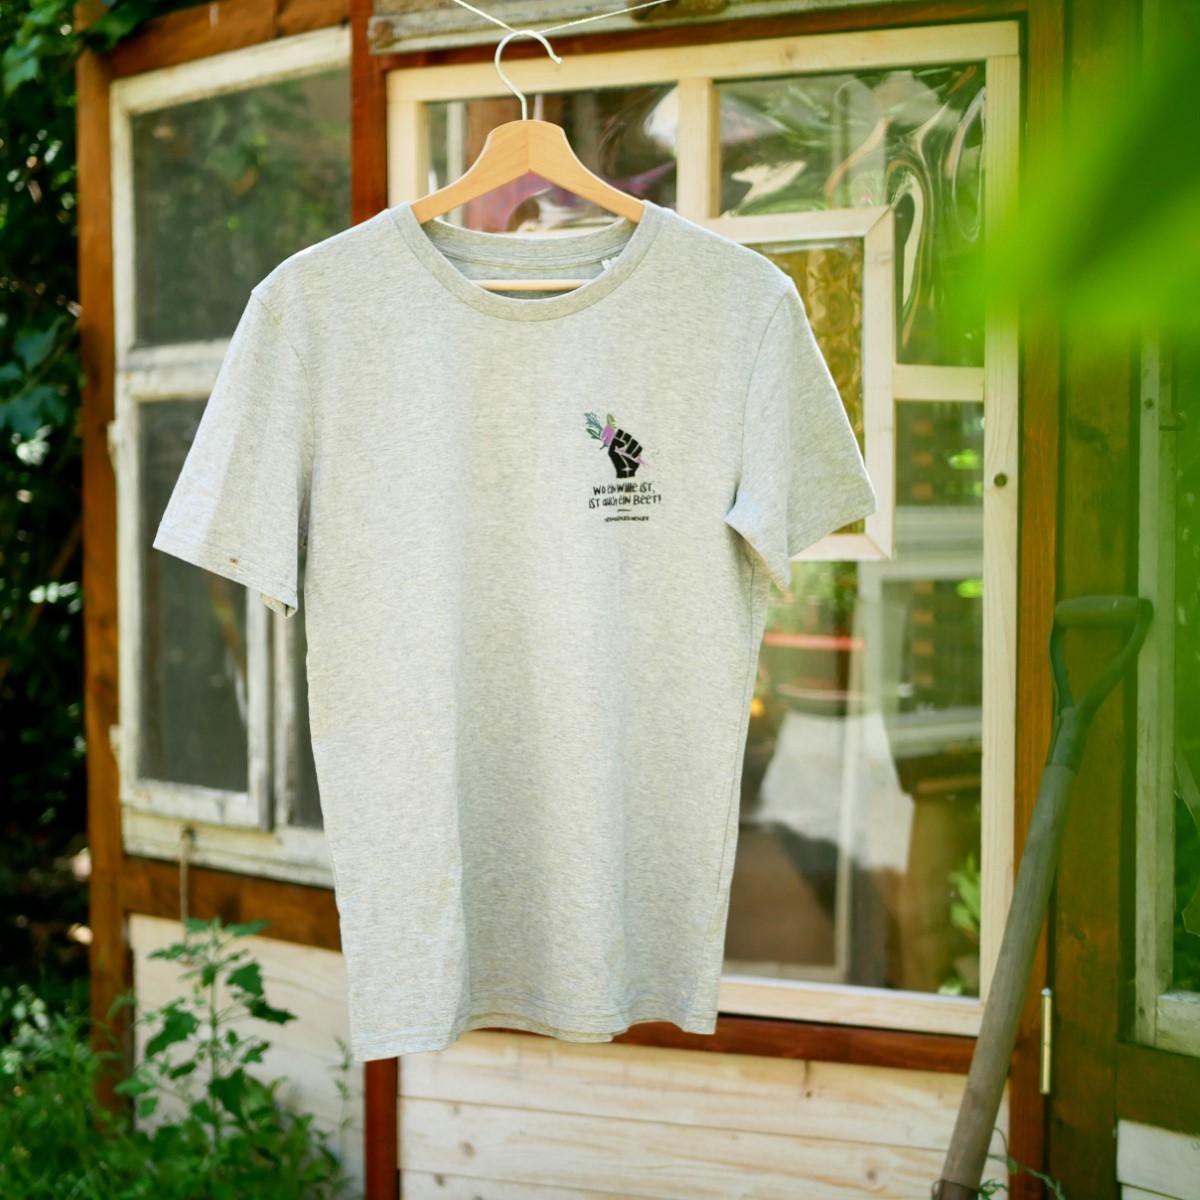 """Vorderseite vom grauen T-Shirt mit Motiv """"Wo ein Wille ist, ist auch ein Beet"""". Für Gartenarbeit und Urban Gardening."""